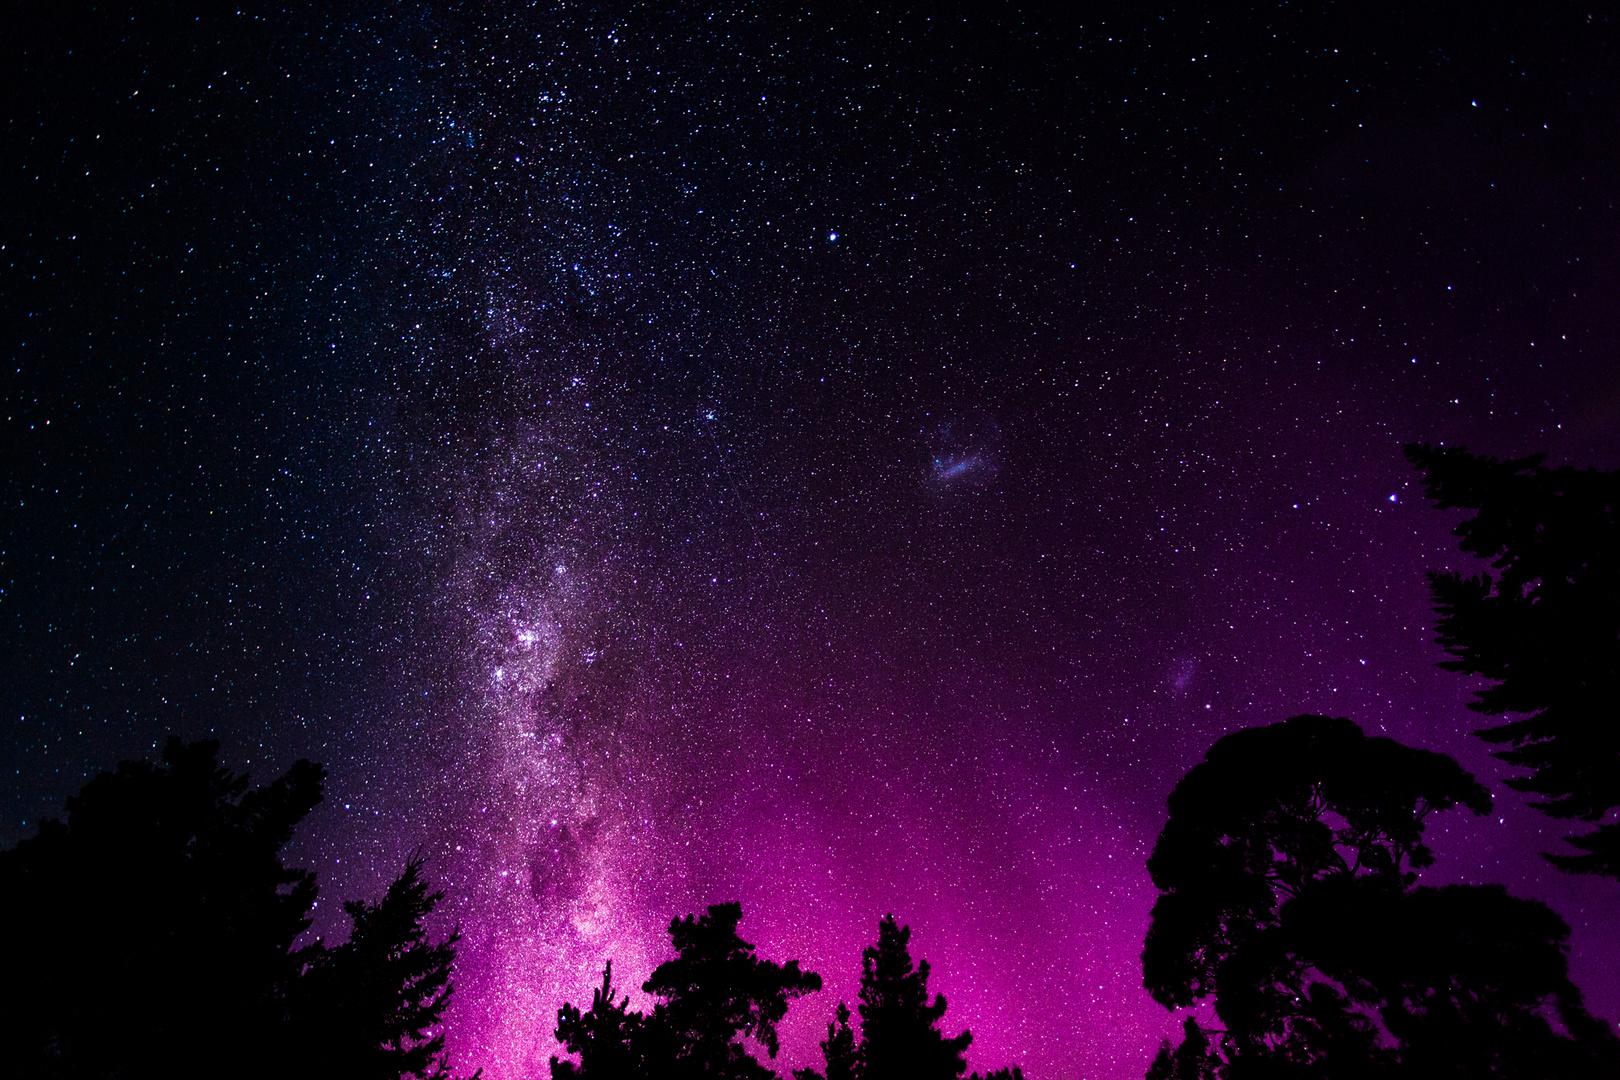 Milchstraße garniert mit Aurora Australis